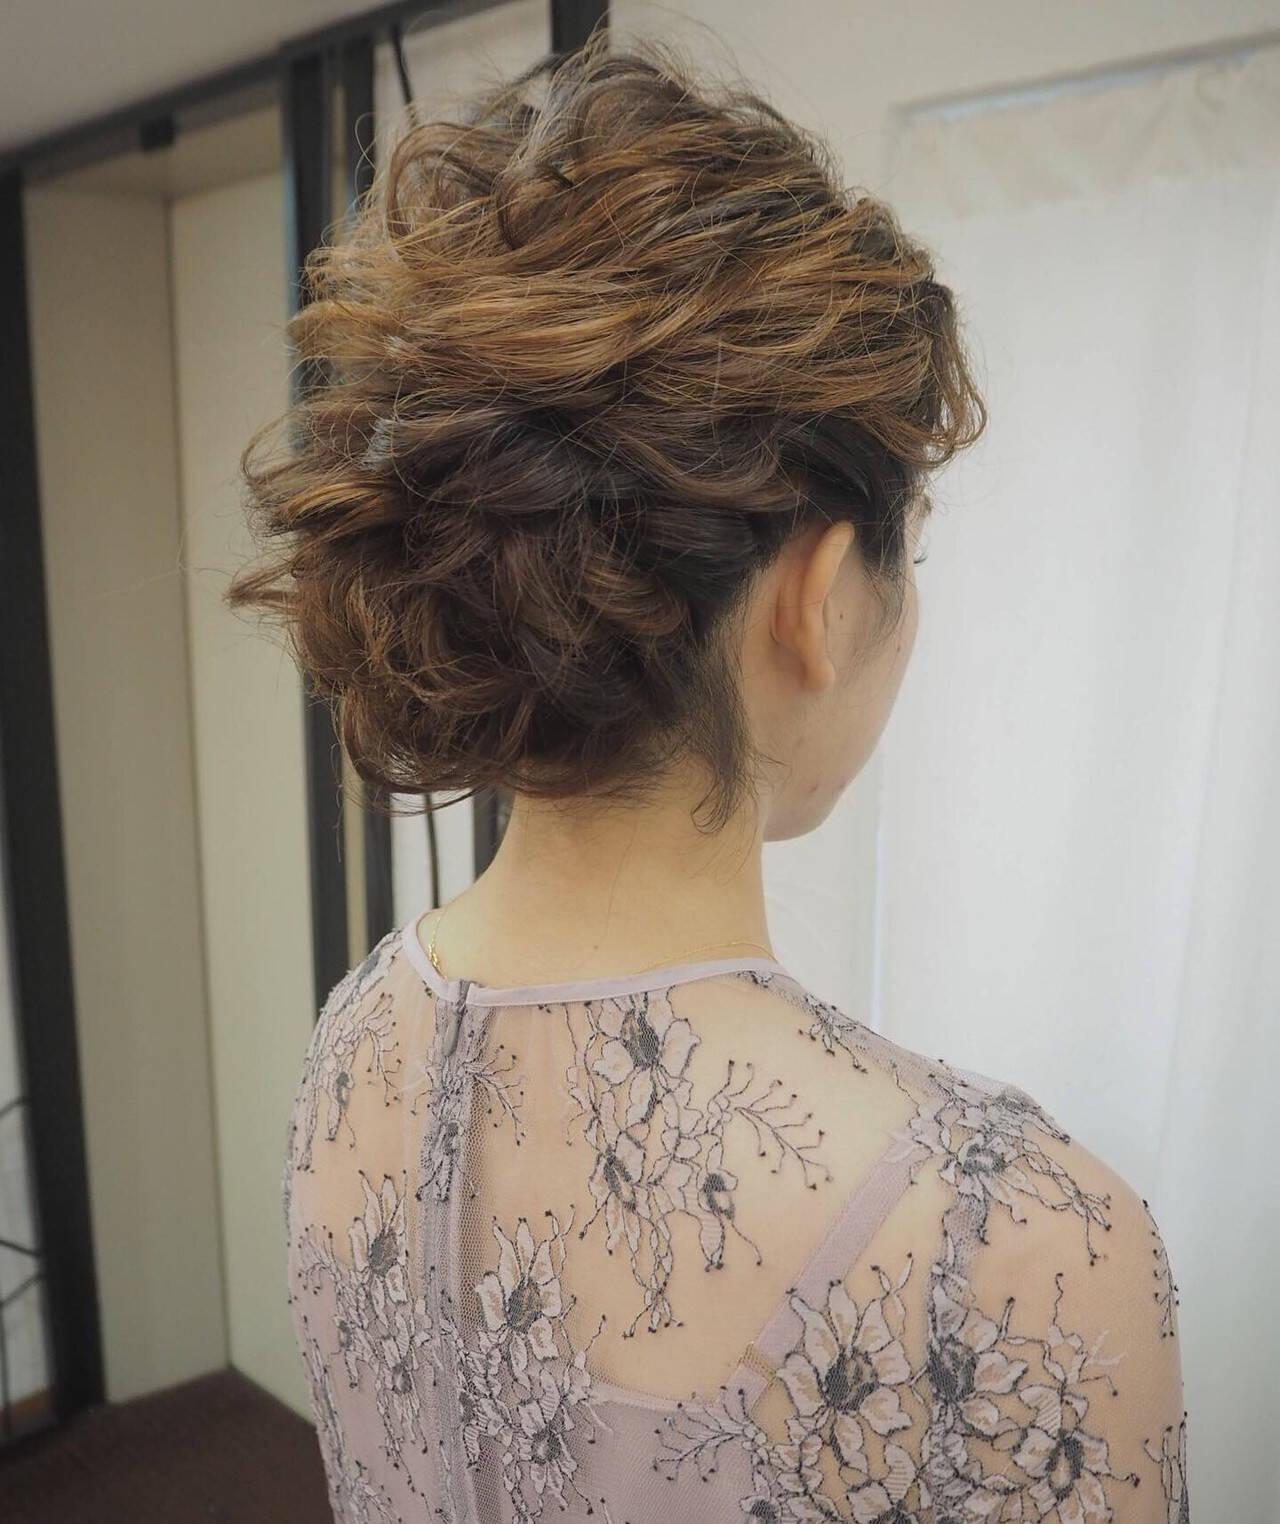 簡単ヘアアレンジ 結婚式 ミディアム 結婚式ヘアアレンジヘアスタイルや髪型の写真・画像